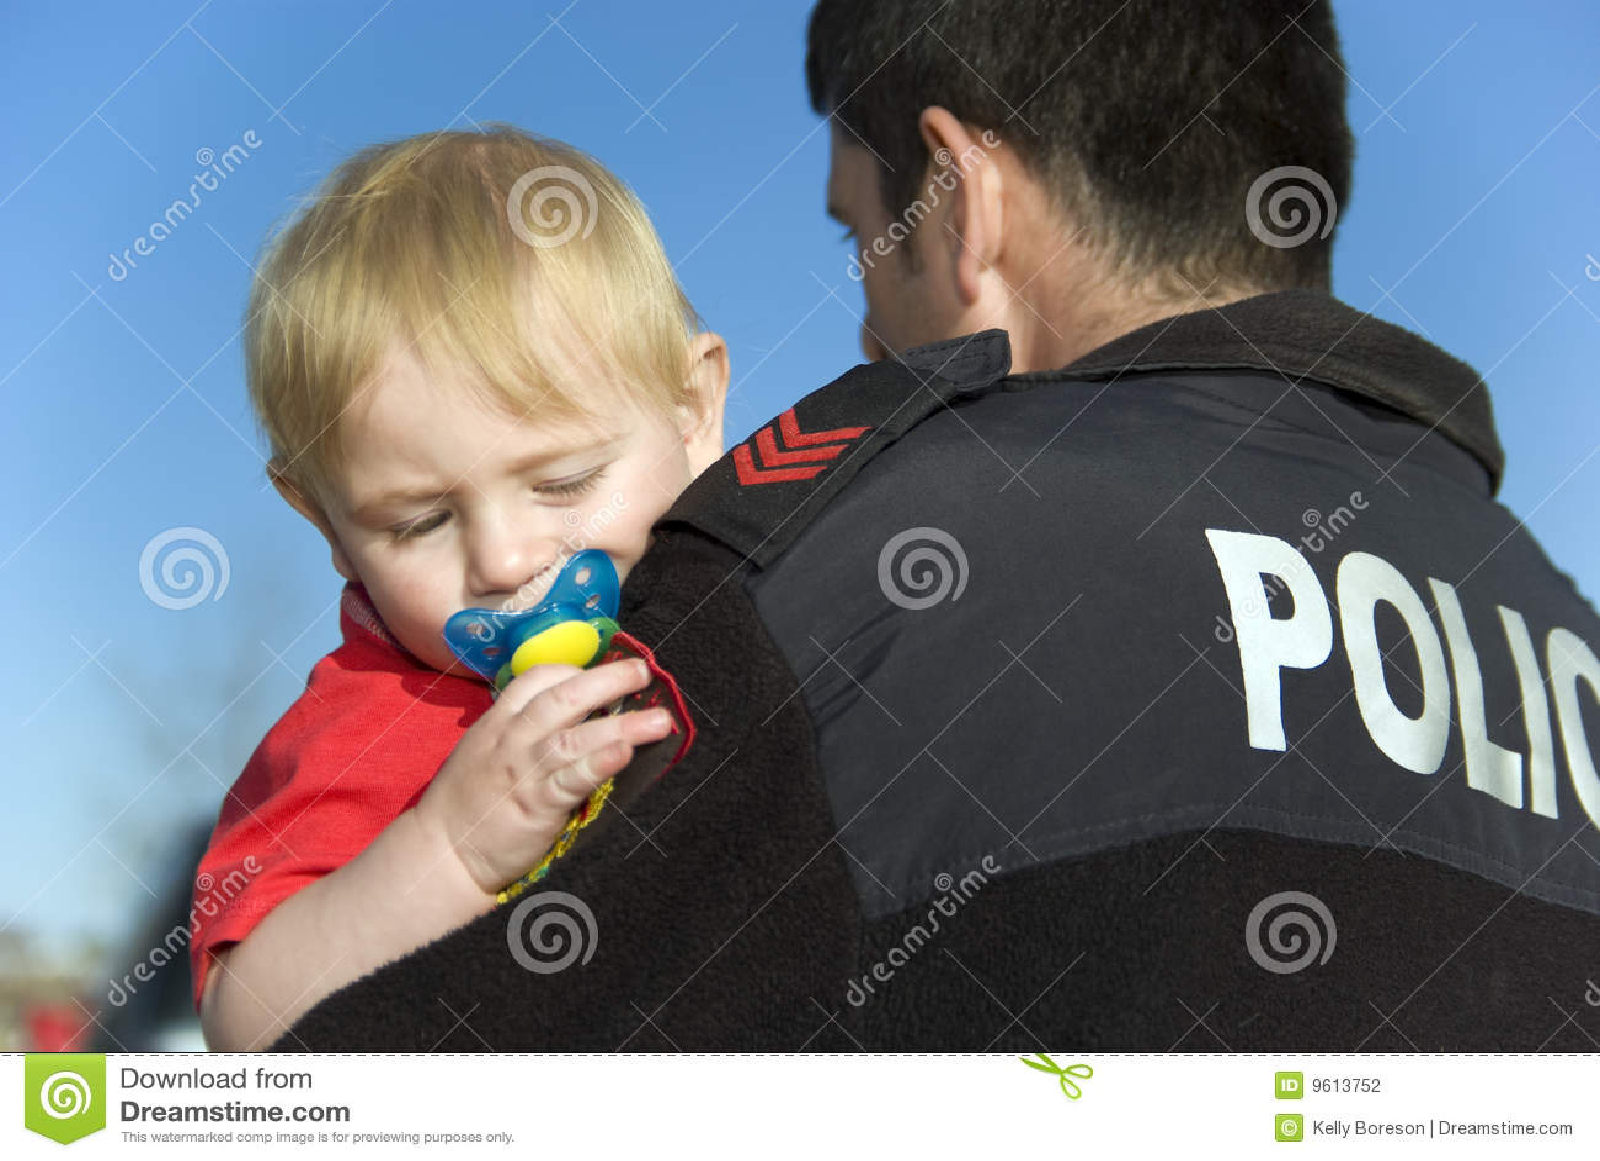 Polizeibeamte hält Schätzchen an